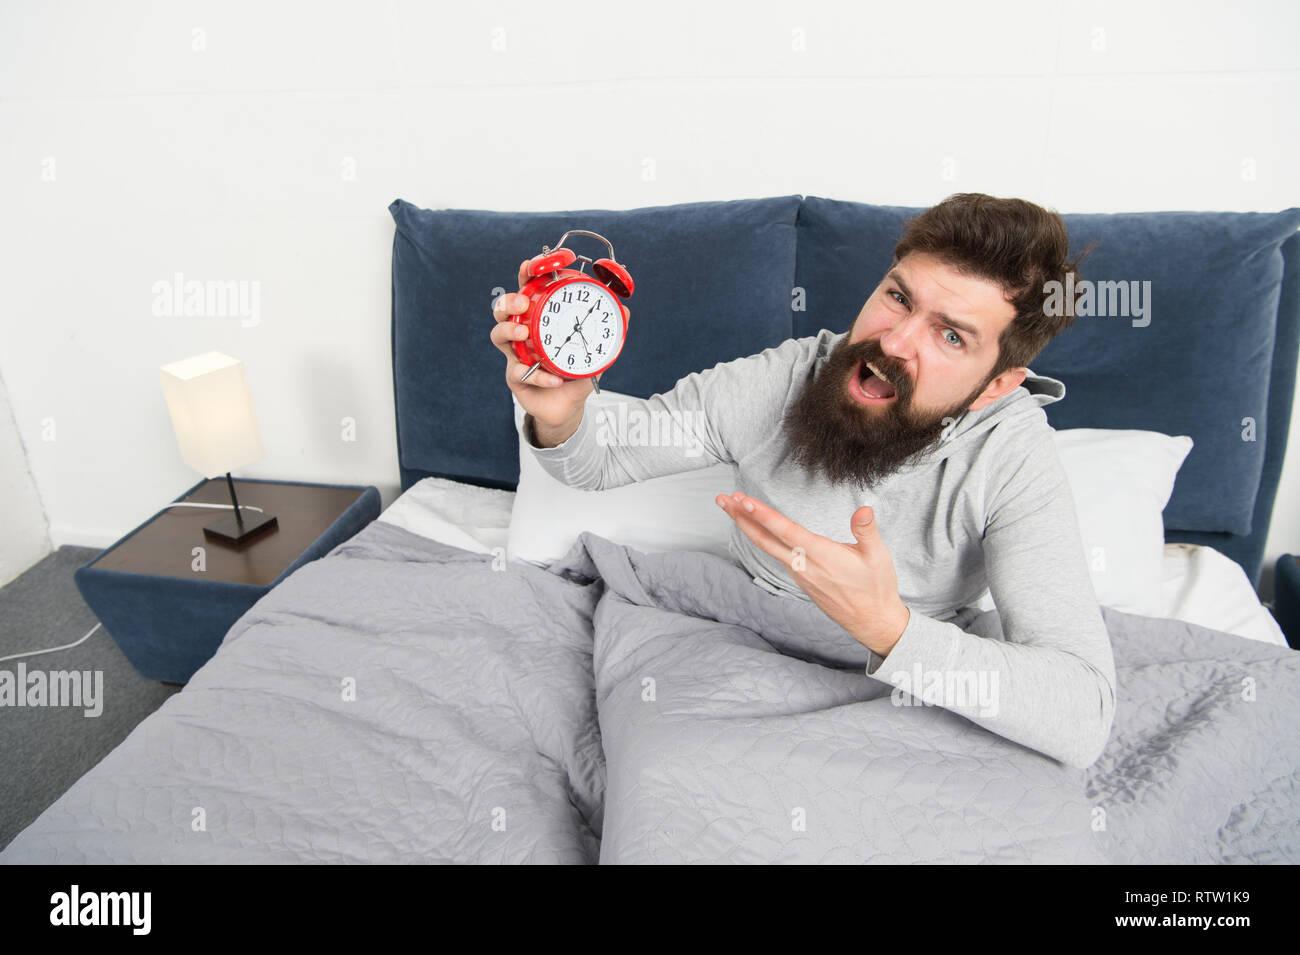 Alzarsi presto. Suggerimenti per svegliarsi presto. Uomo Barbuto hipster viso assonnato risveglio. Programma giornaliero per uno stile di vita sano. Sveglia la suoneria. Odio questo rumore. Problema con una precoce risveglio mattutino. Immagini Stock